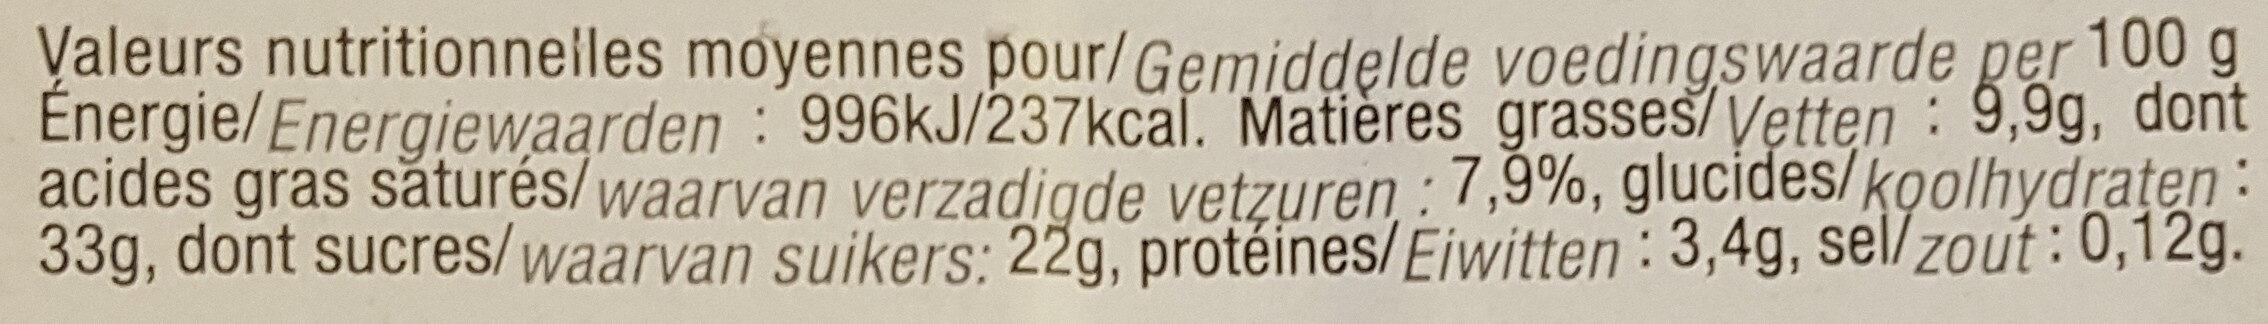 Tiramisu - Voedingswaarden